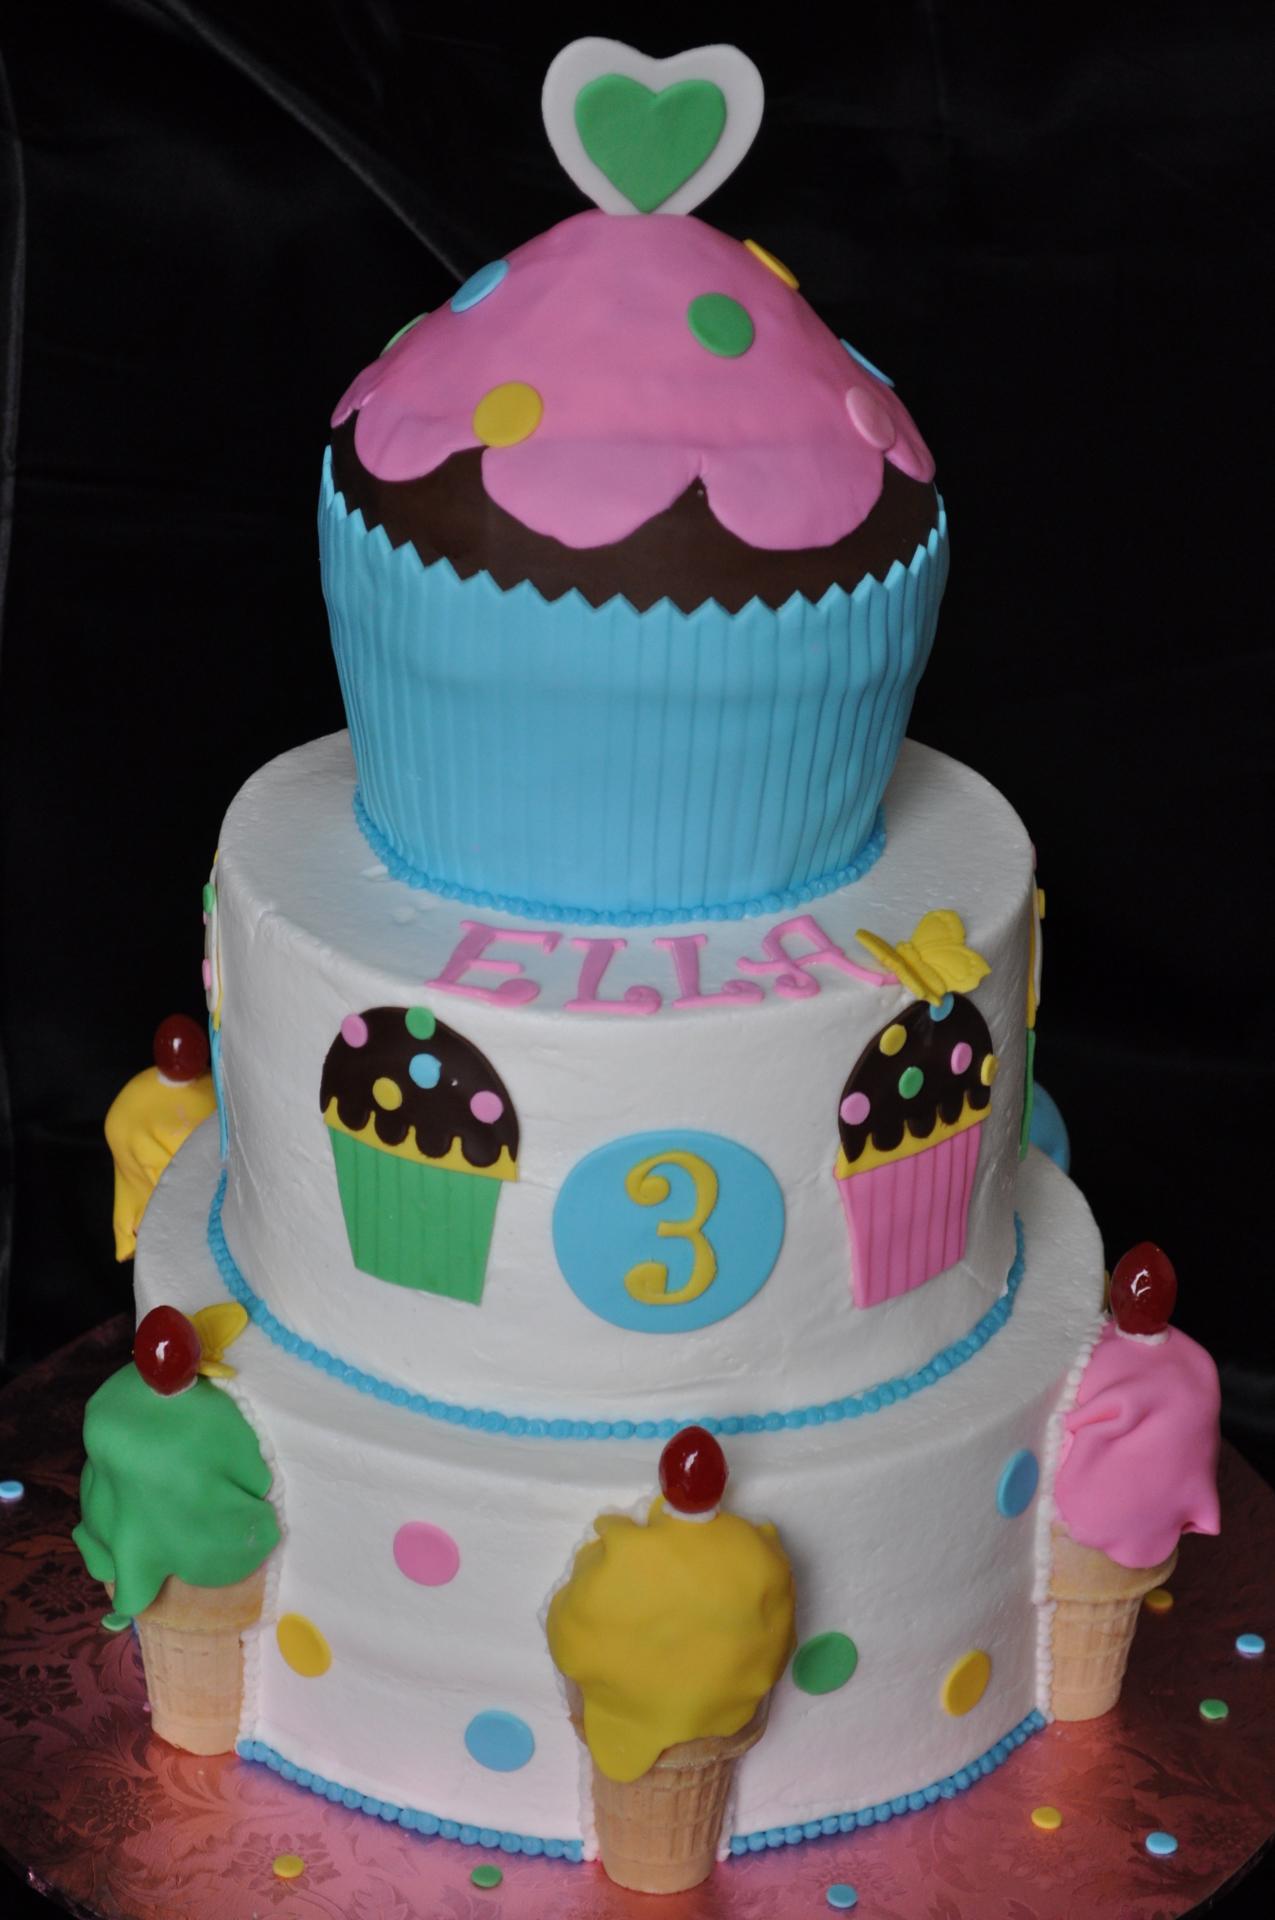 Ice cream theme cake, tiered birthday cake, jumbo cupcake